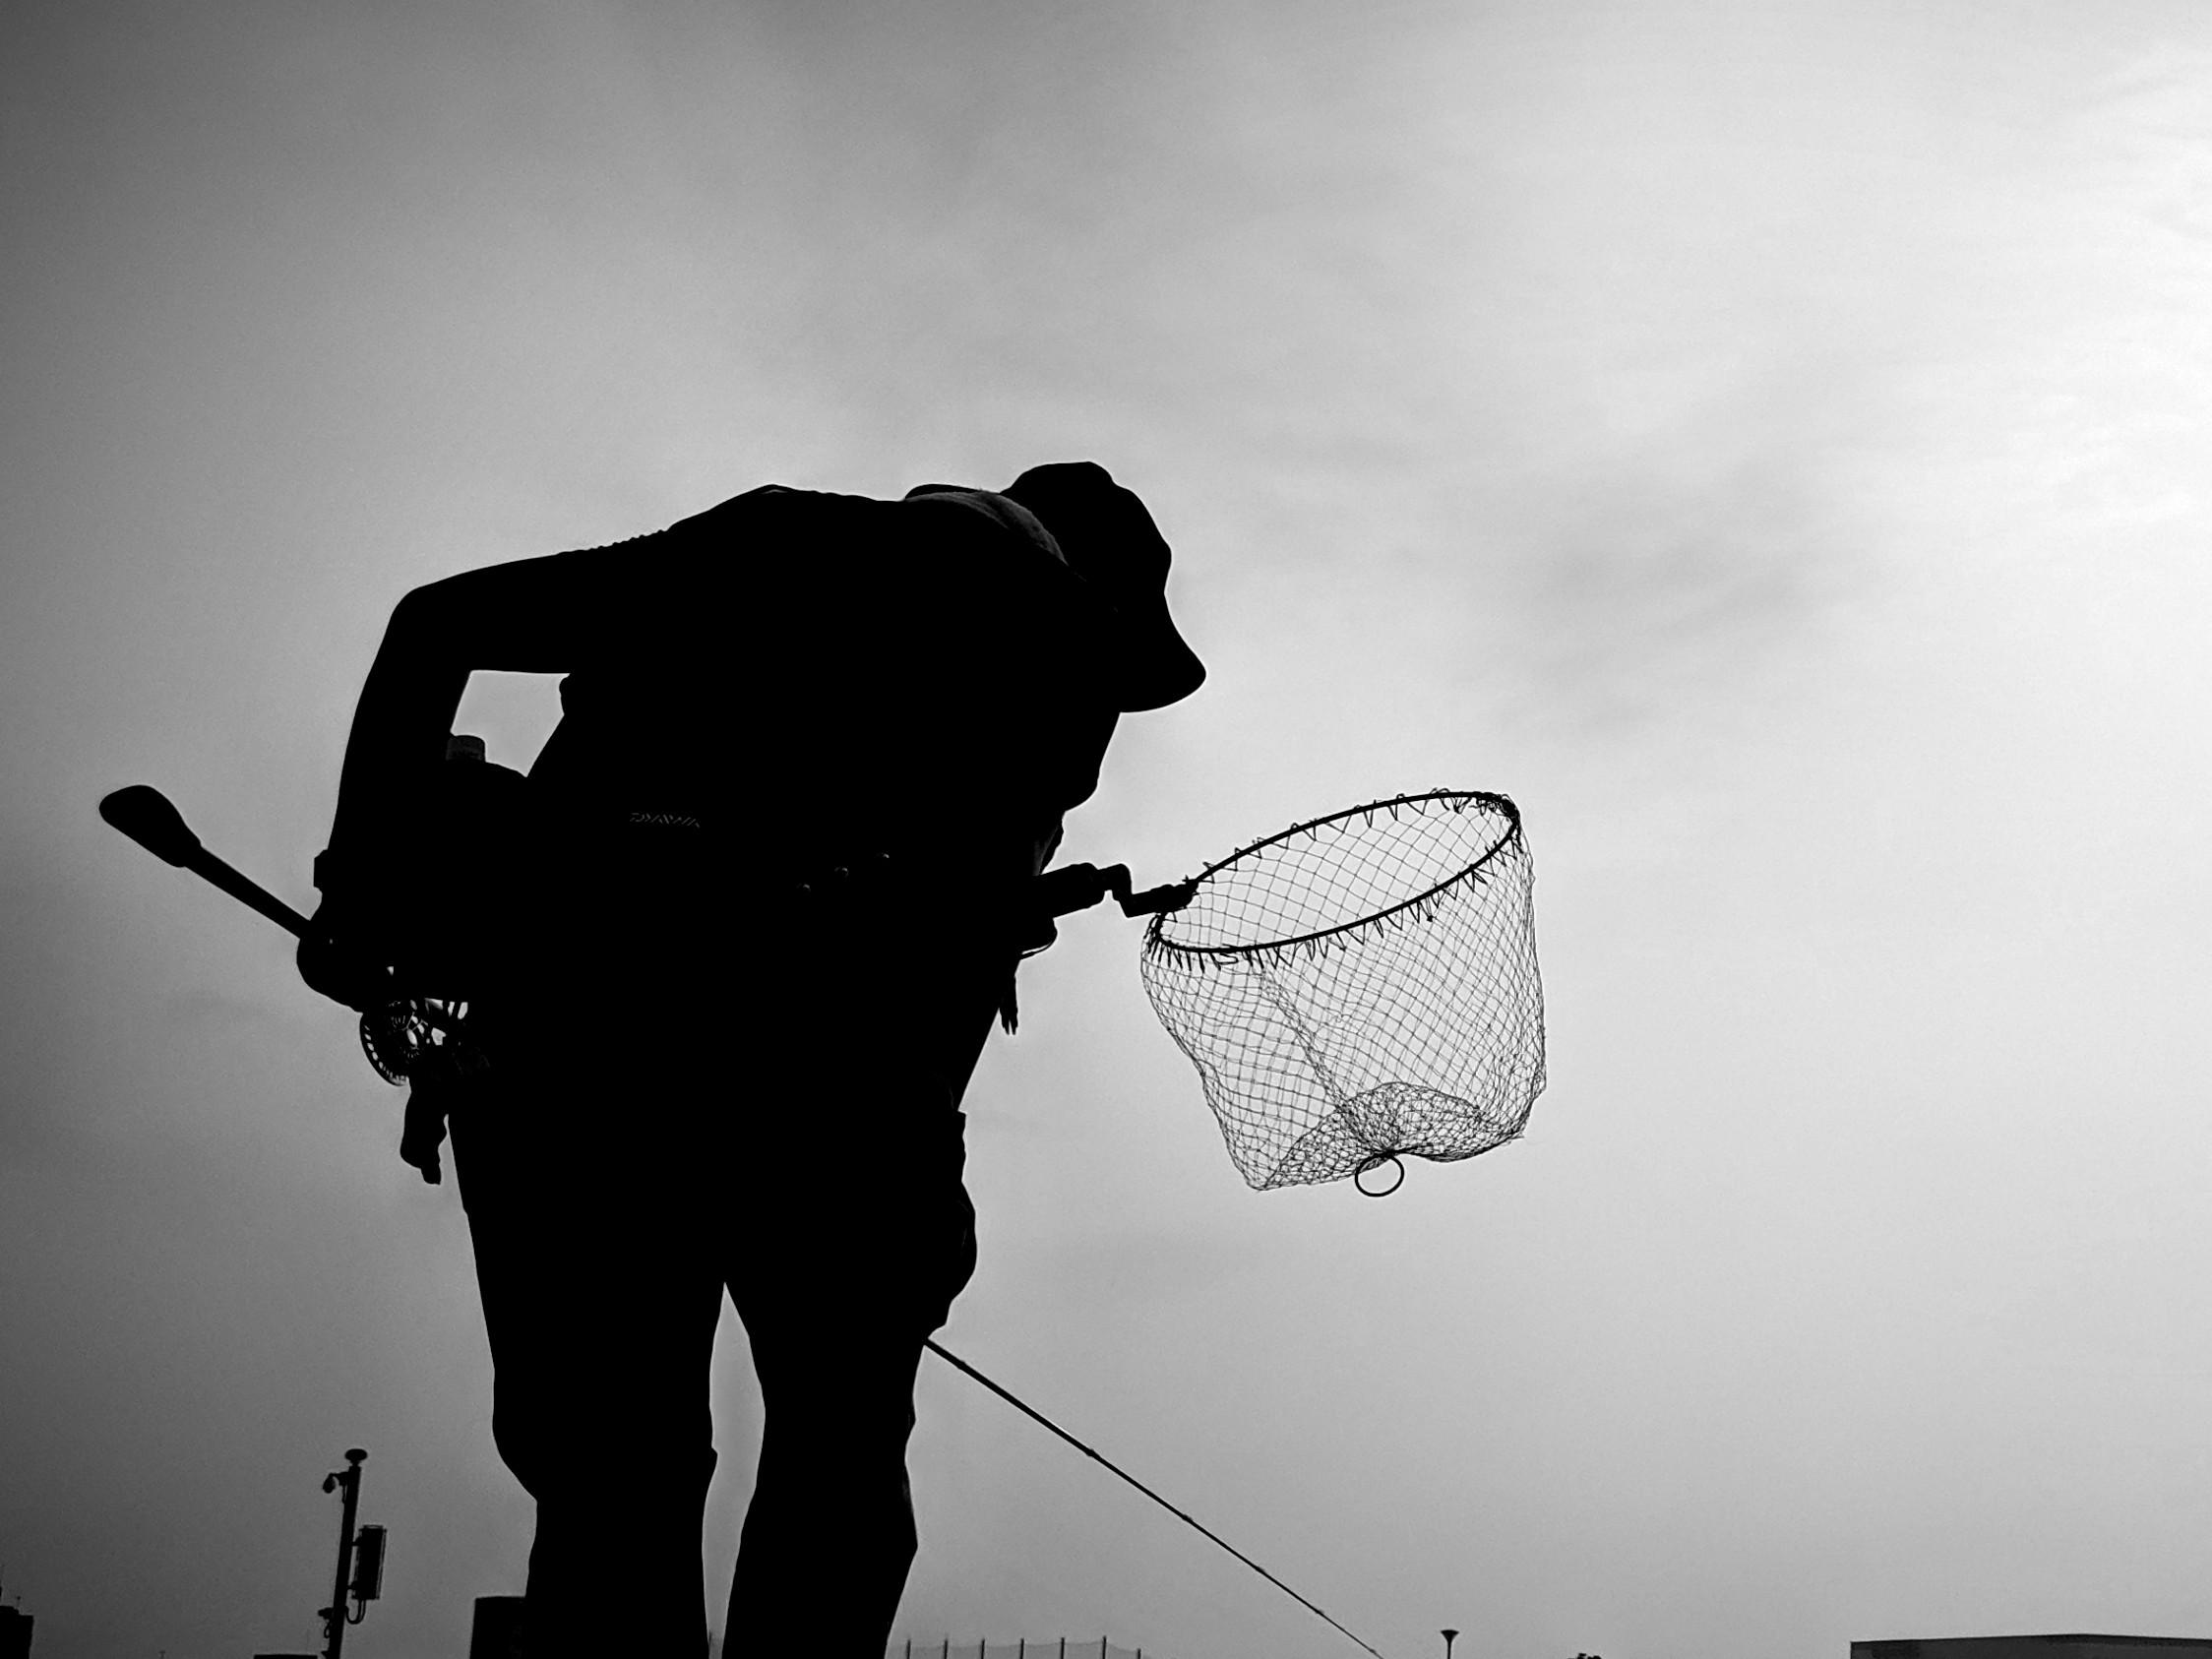 釣りハマのローレル氏